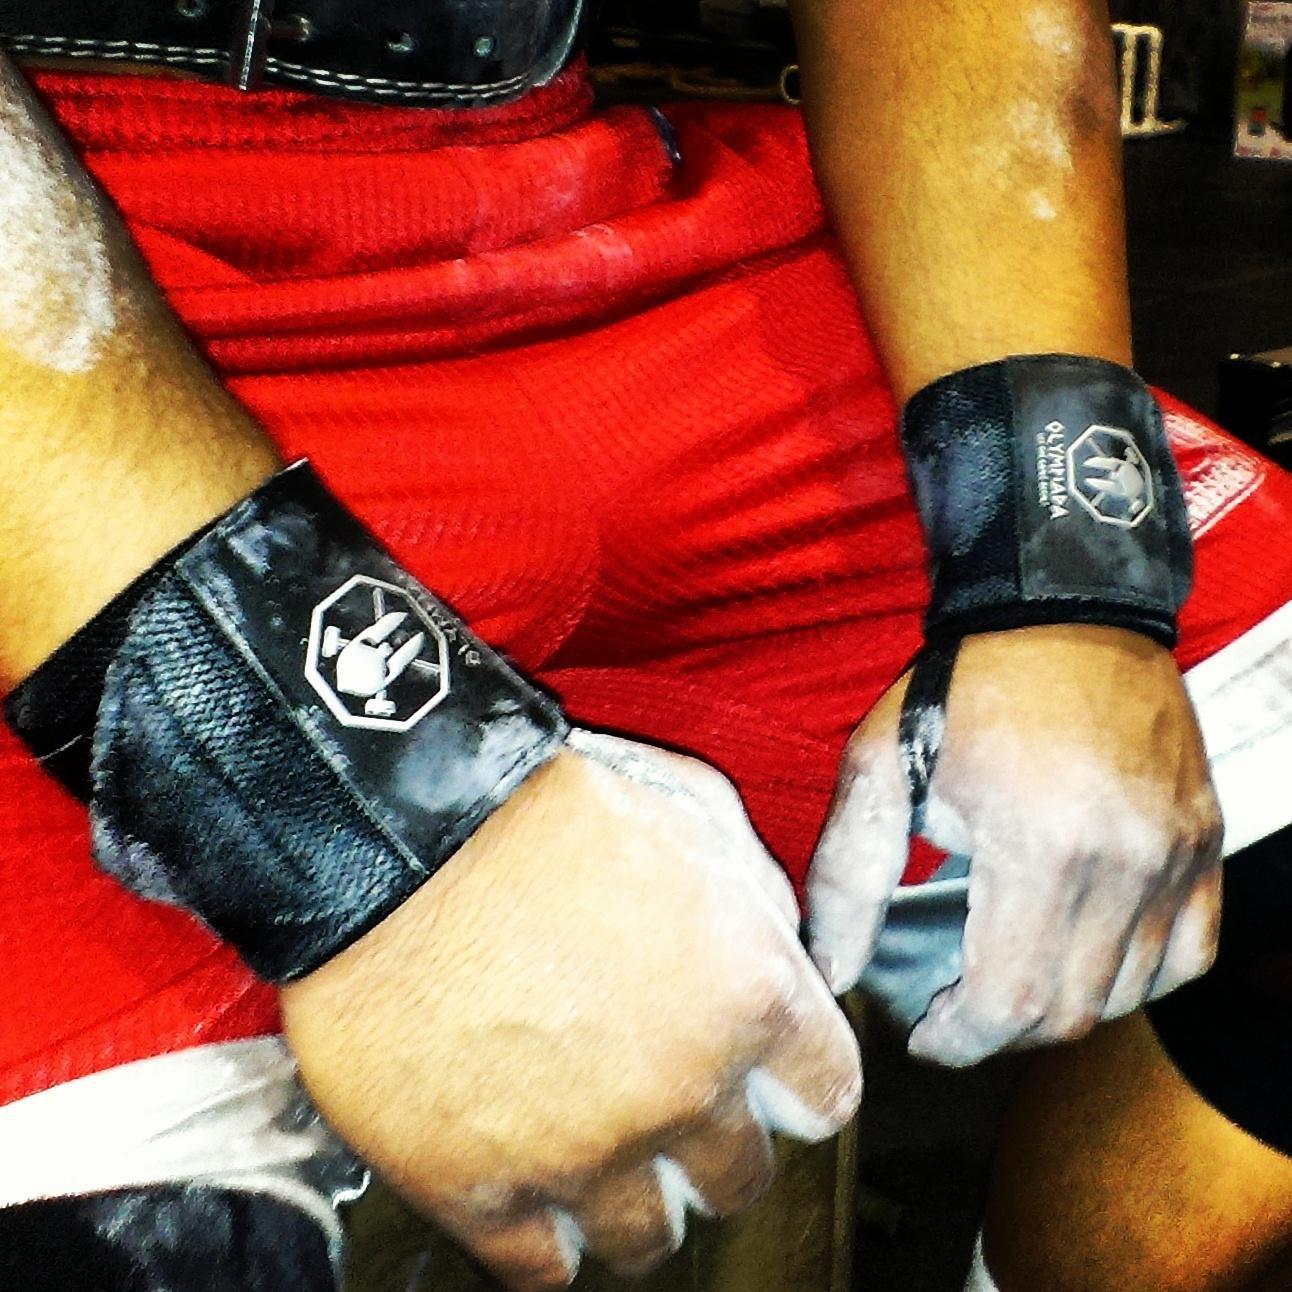 Olympiada Wrist Wraps